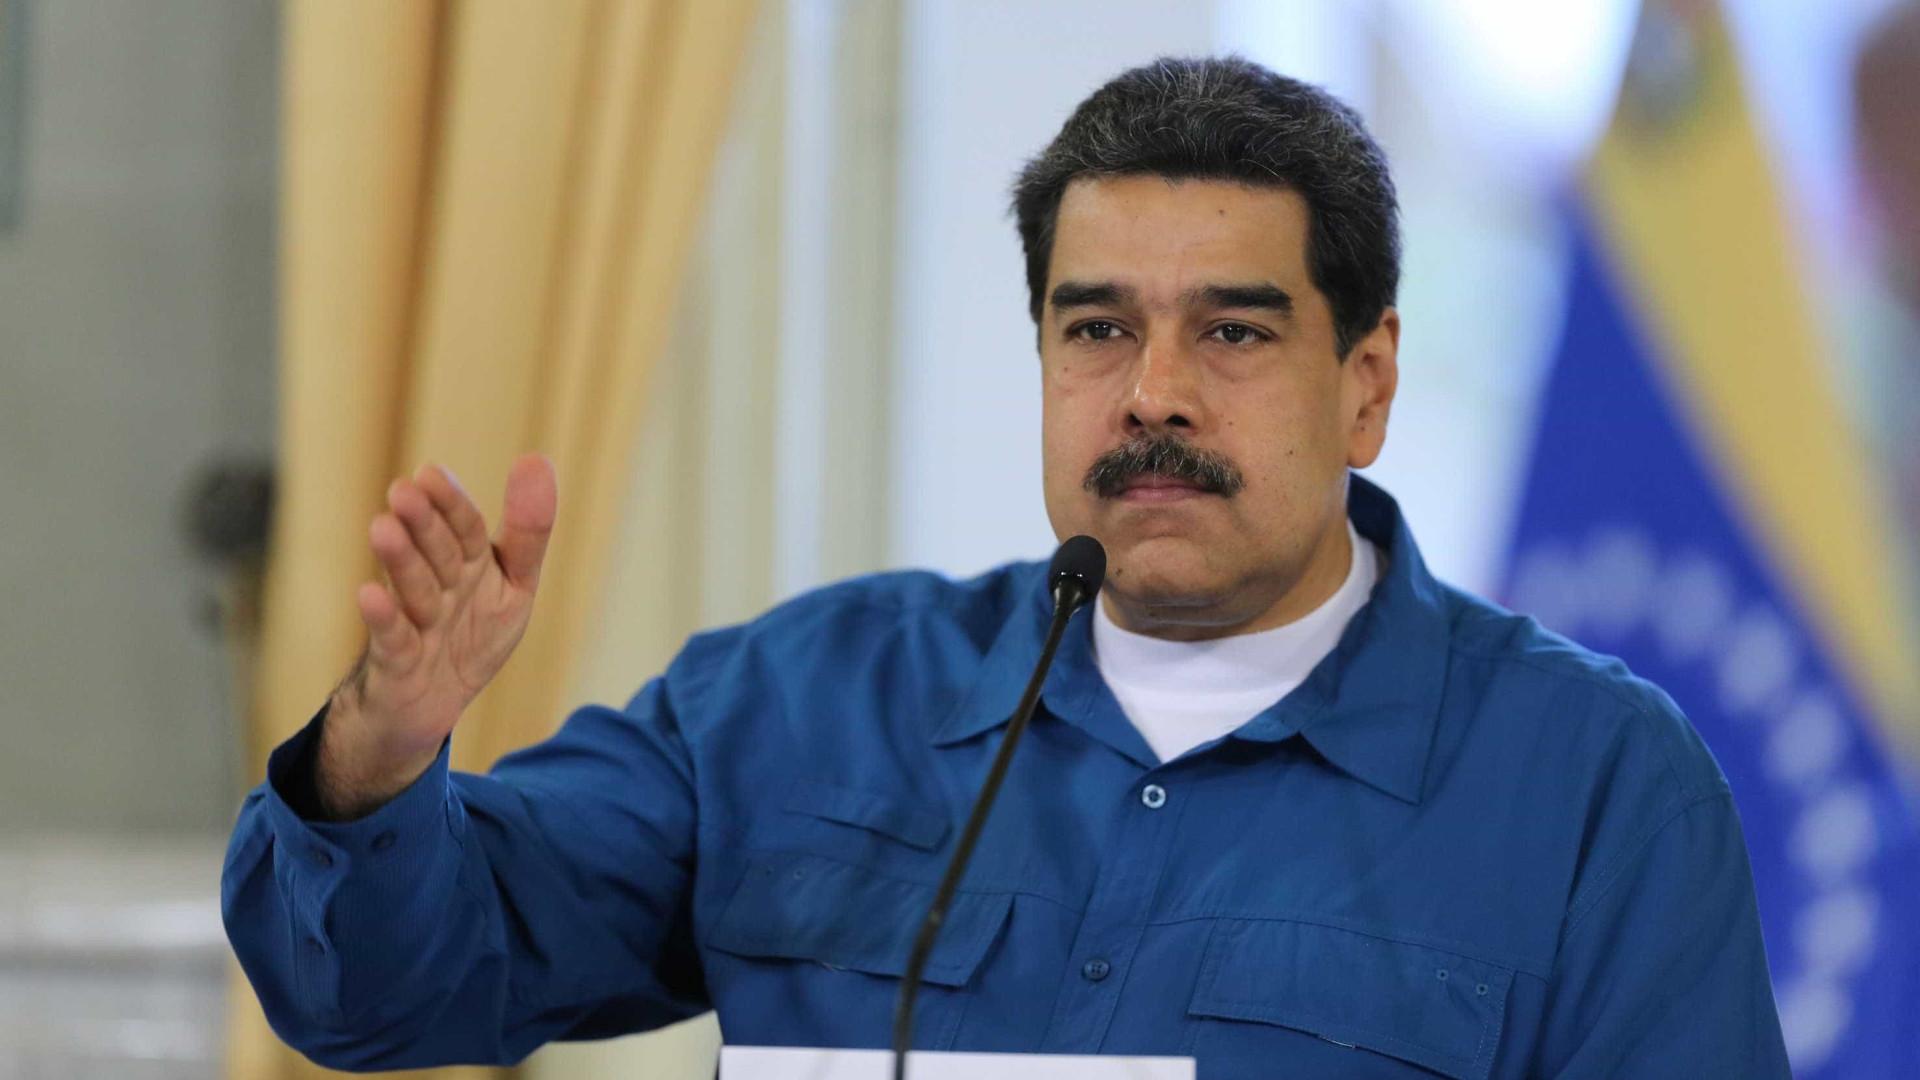 Países debatem realização de nova eleição na Venezuela